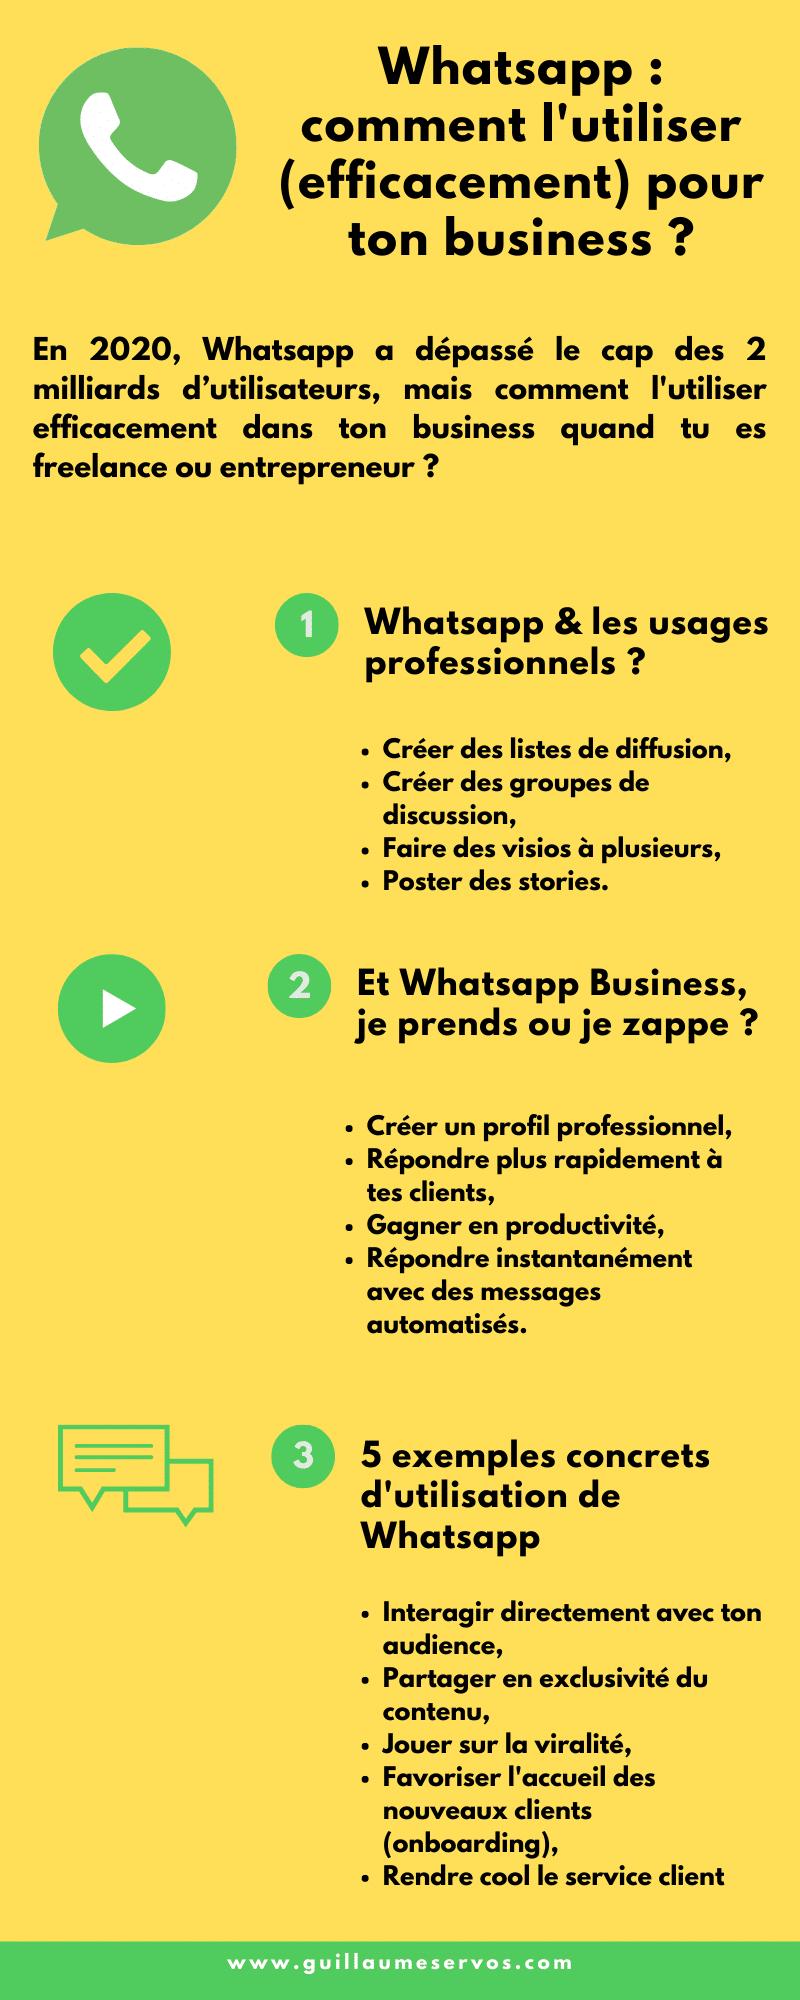 En 2020, Whatsapp a dépassé le cap des 2 milliards d'utilisateurs, mais comment l'utiliser efficacement dans ton business quand tu es freelance ou entrepreneur ?